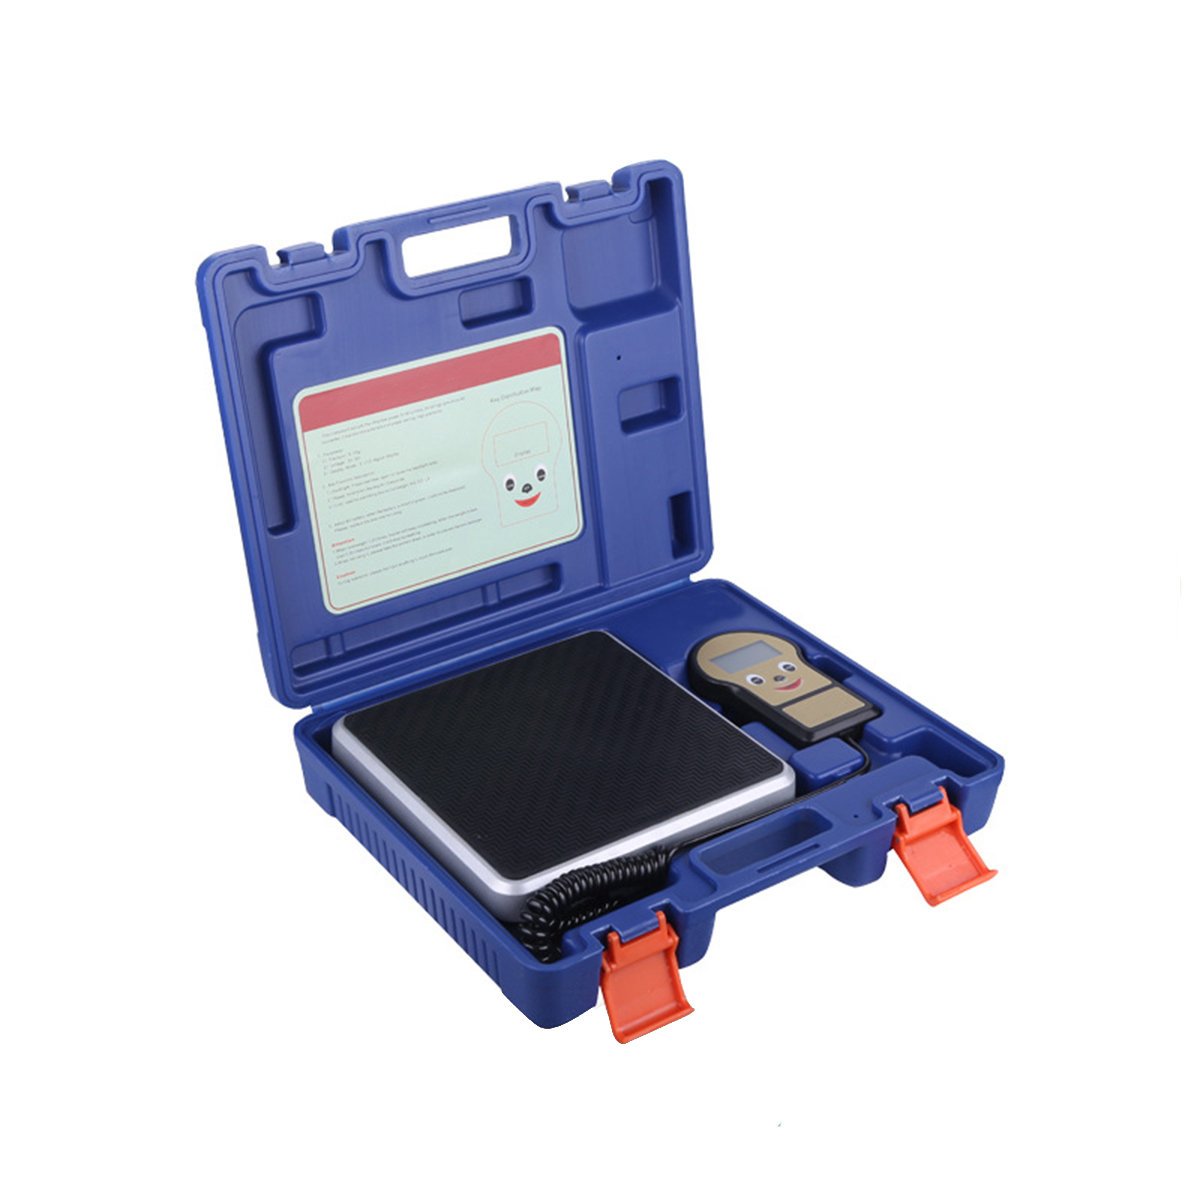 refrigerante da escala eletrônica de digitas da